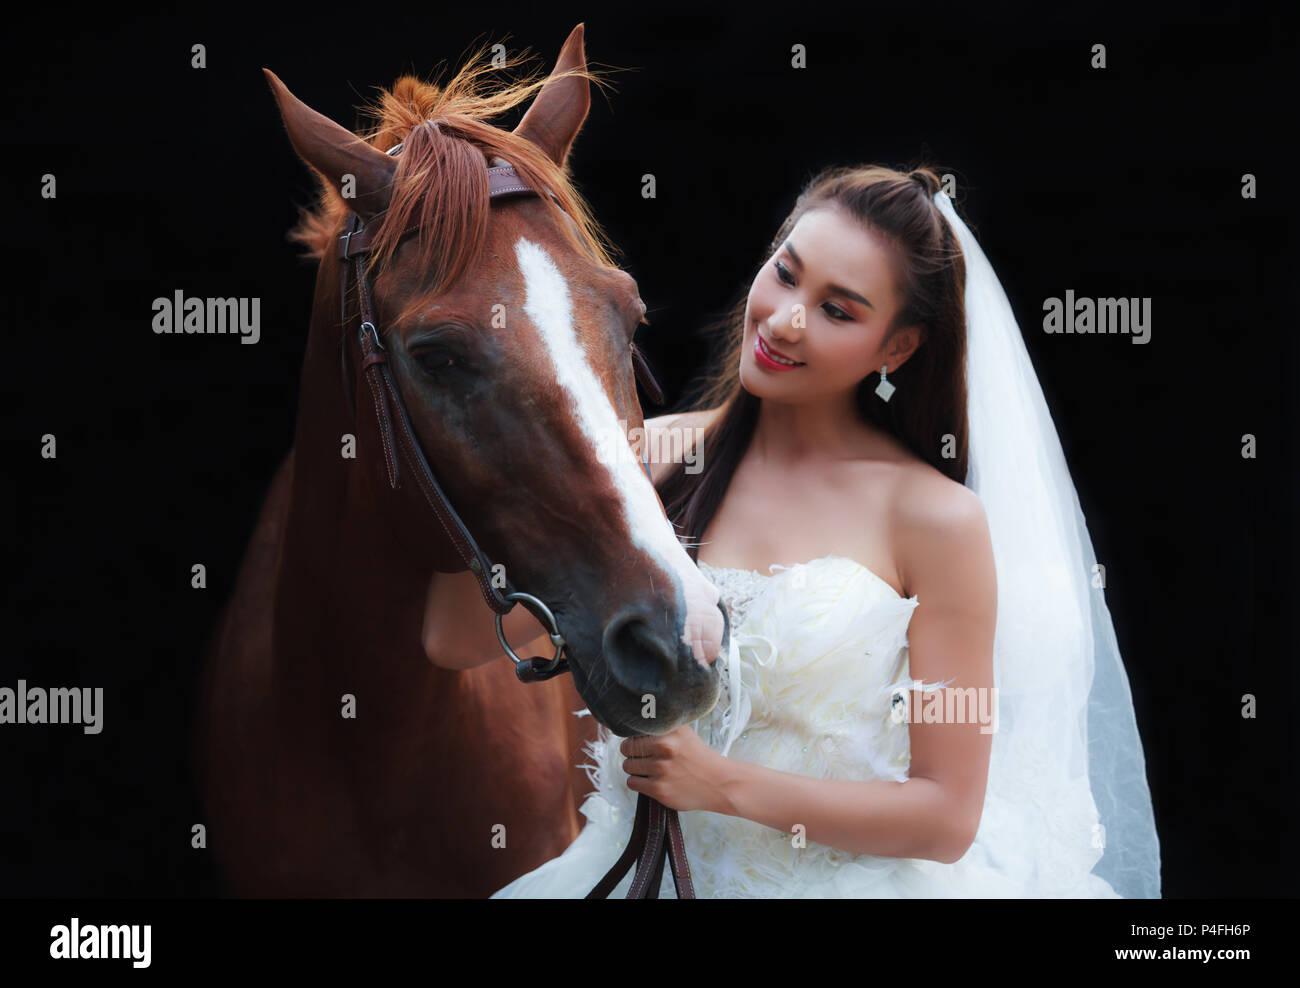 Junge schöne Schönheit Braut fashion White Wedding Kostüm stehen mit den stattlichen Pferd auf schwarzem Hintergrund Stockfoto